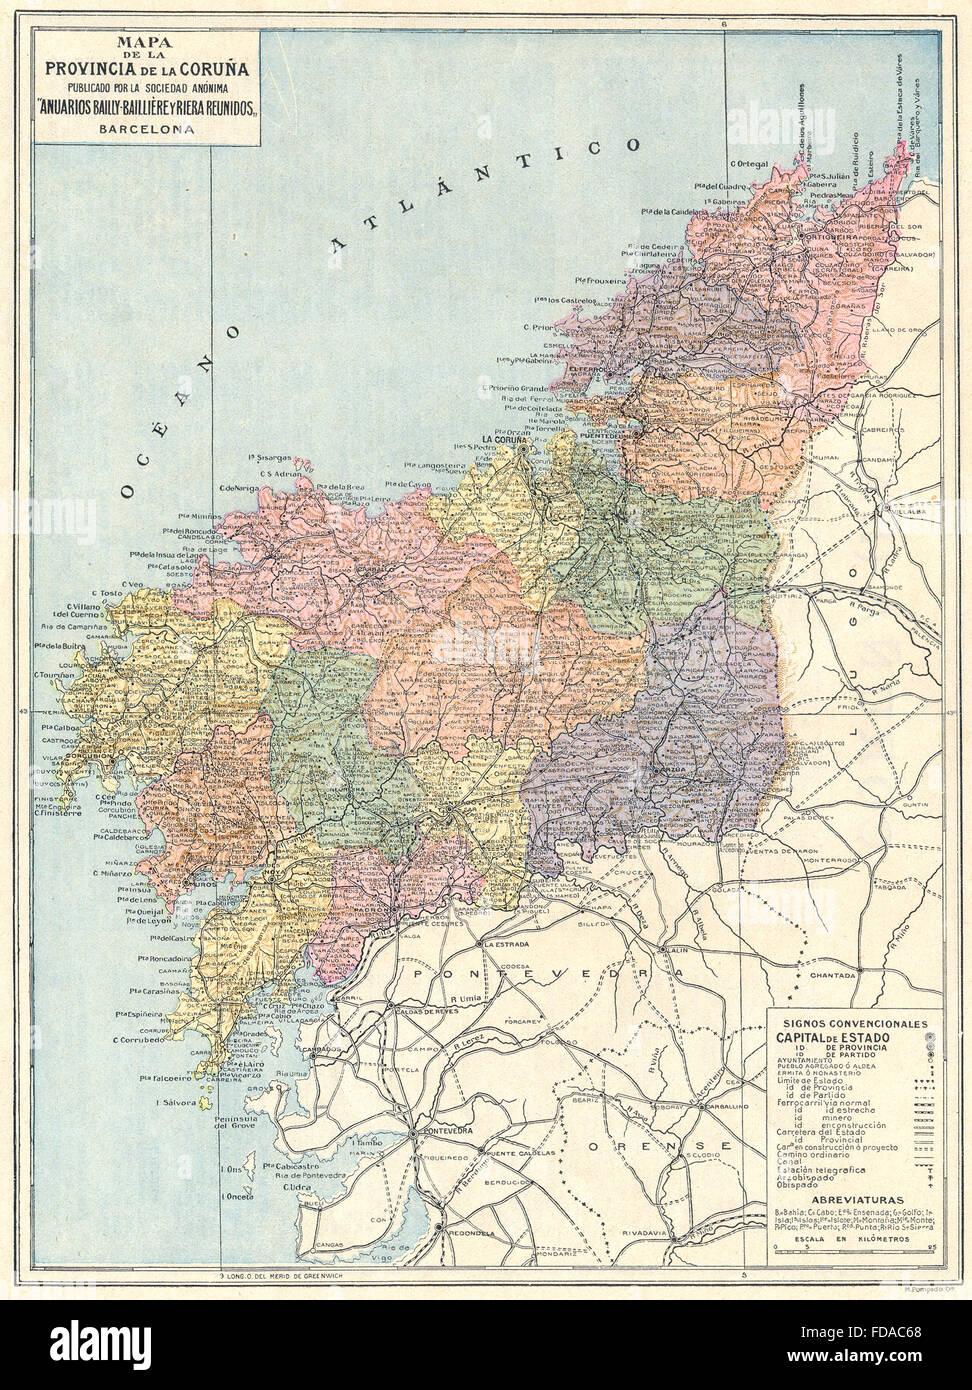 Espana Mapa De La Provincia De La Coruna 1913 Foto Imagen De